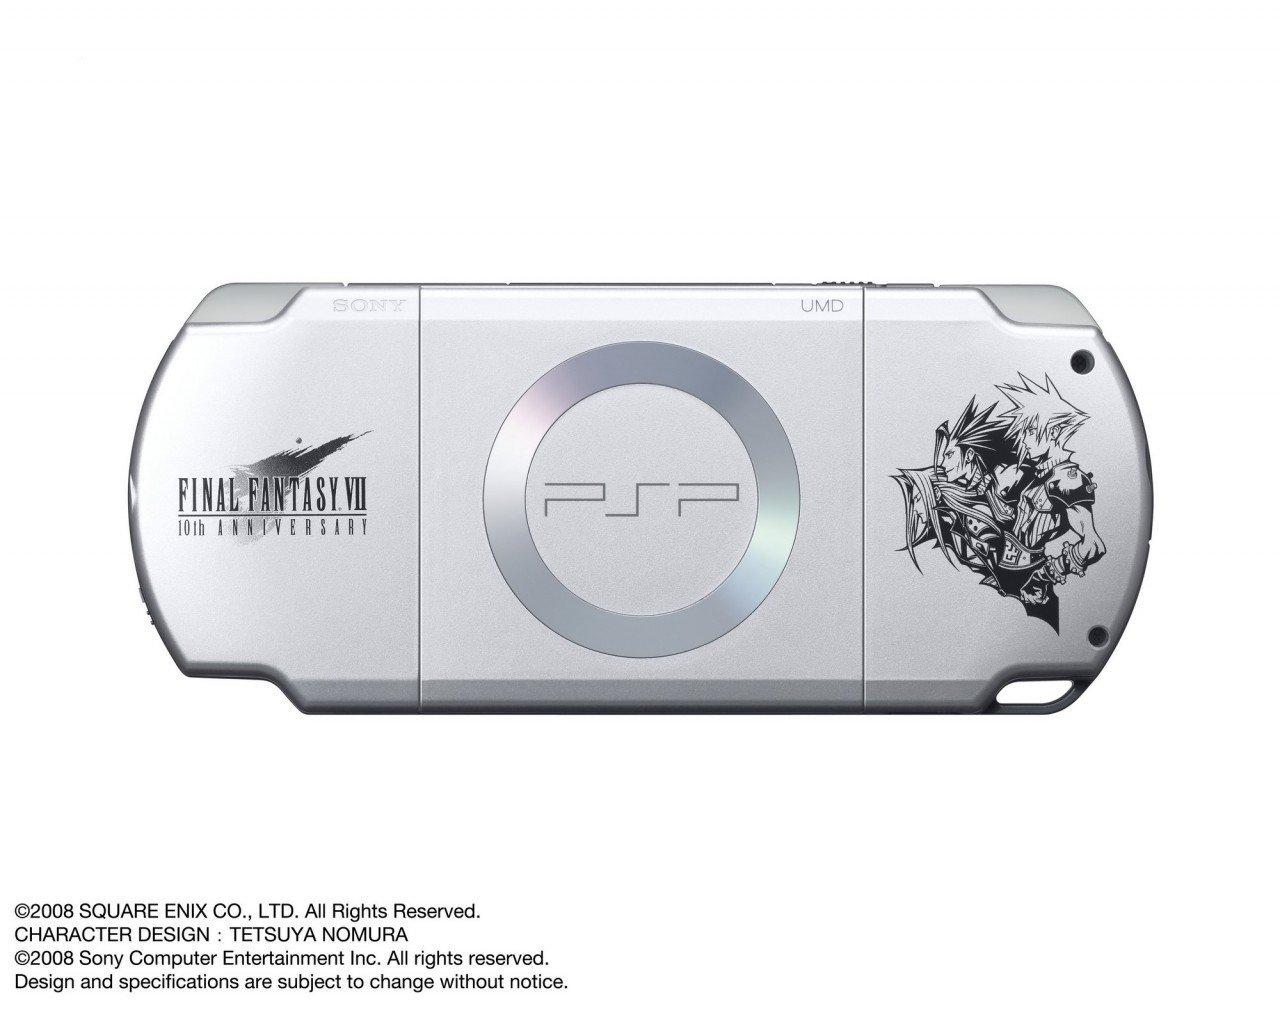 Un bundle PSP collector pour Crisis Core